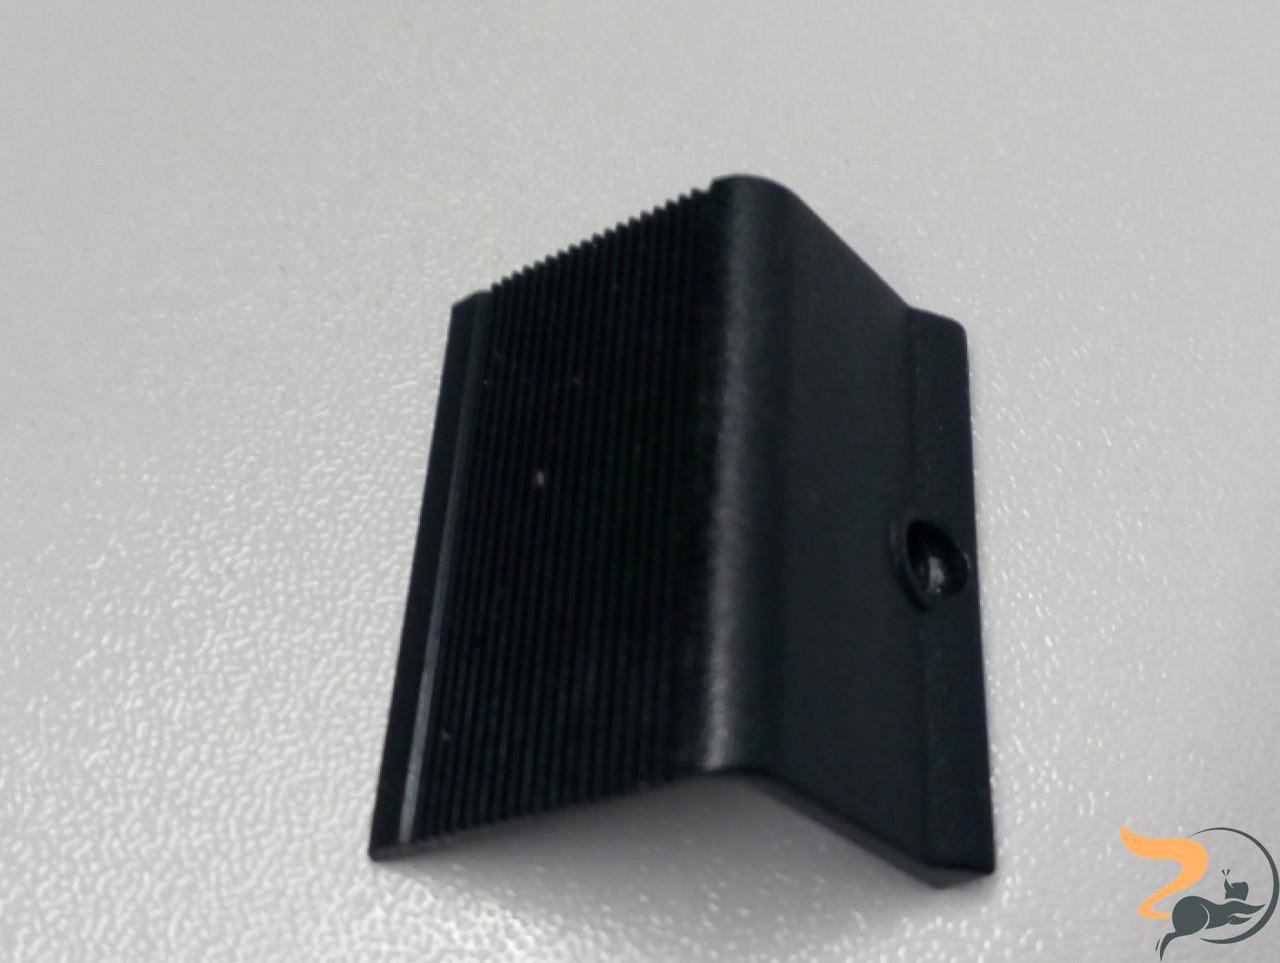 Сервісна кришка для ноутбука Asus X80L, 13GNEM2AP020-1, б/в